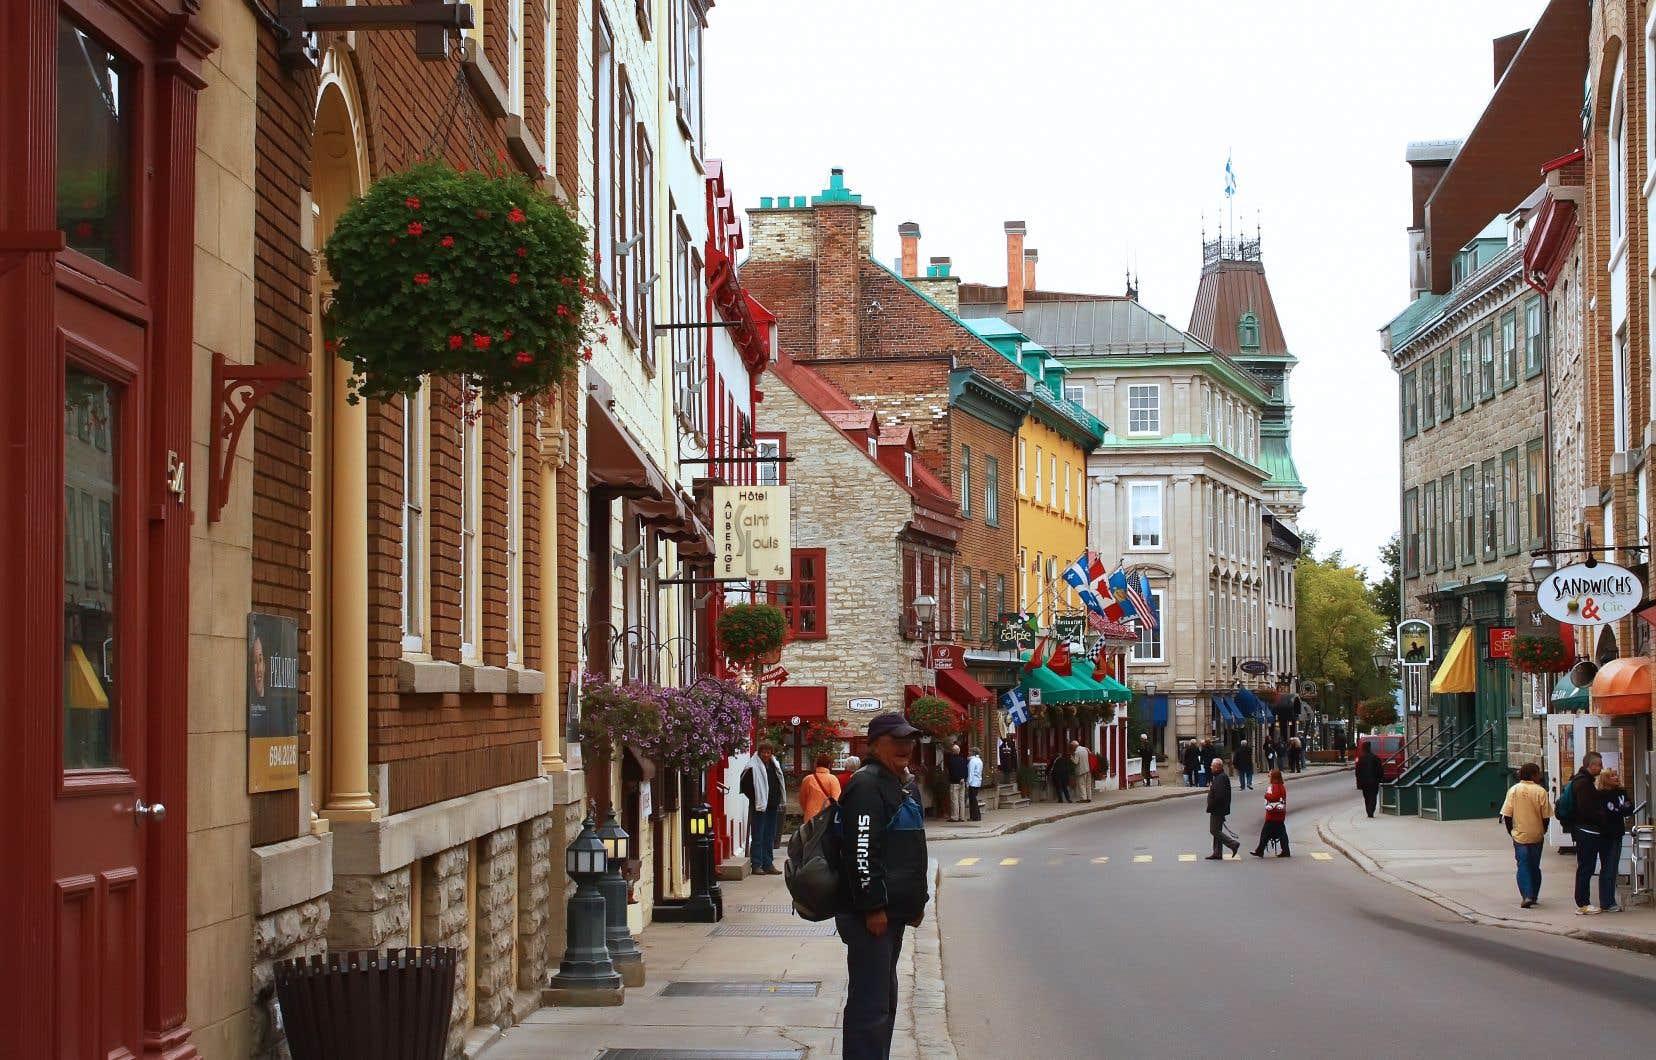 Le quartier est «invivable», écrivent des résidents du Vieux-Québec. Ils soulignent que les rues sont souvent bloquées et racontent qu'une voisine qui devait se rendre à l'urgence à 5 minutes à pied a mis 24 minutes à faire le trajet en voiture.